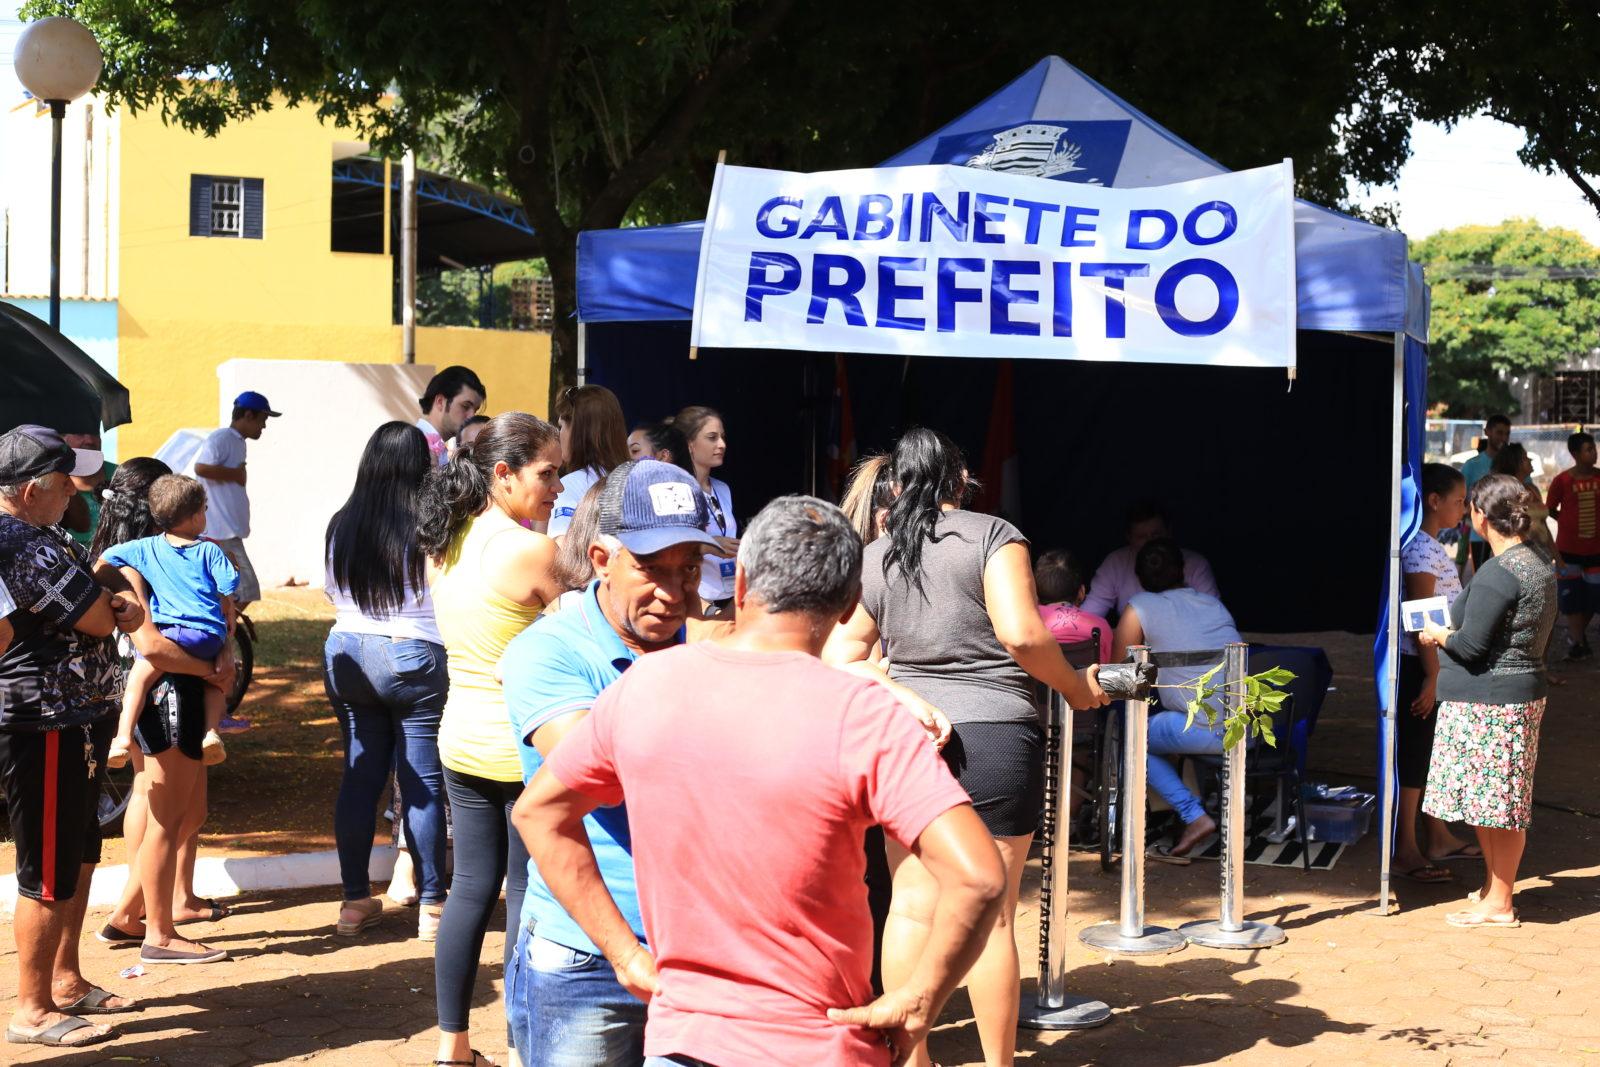 'Prefeitura no Bairro': 1ª edição de 2020 acontece nesta sexta-feira (17) em Itararé (SP)